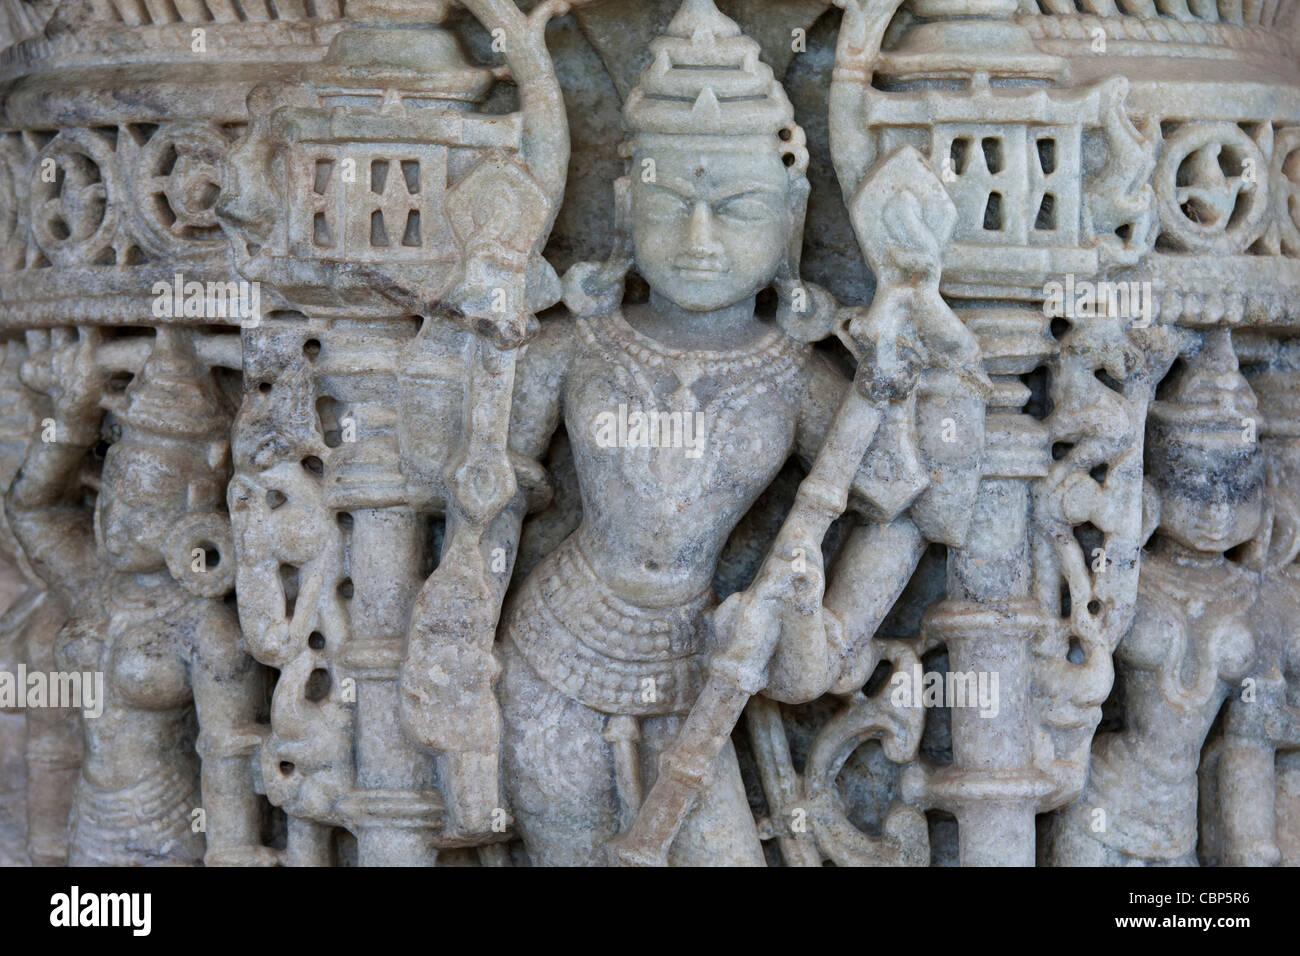 Detail der Steinmetzarbeiten in Ranakpur Jain Tempel in Desuri Tehsil in Pali Bezirk von Rajasthan, Westindien Stockbild